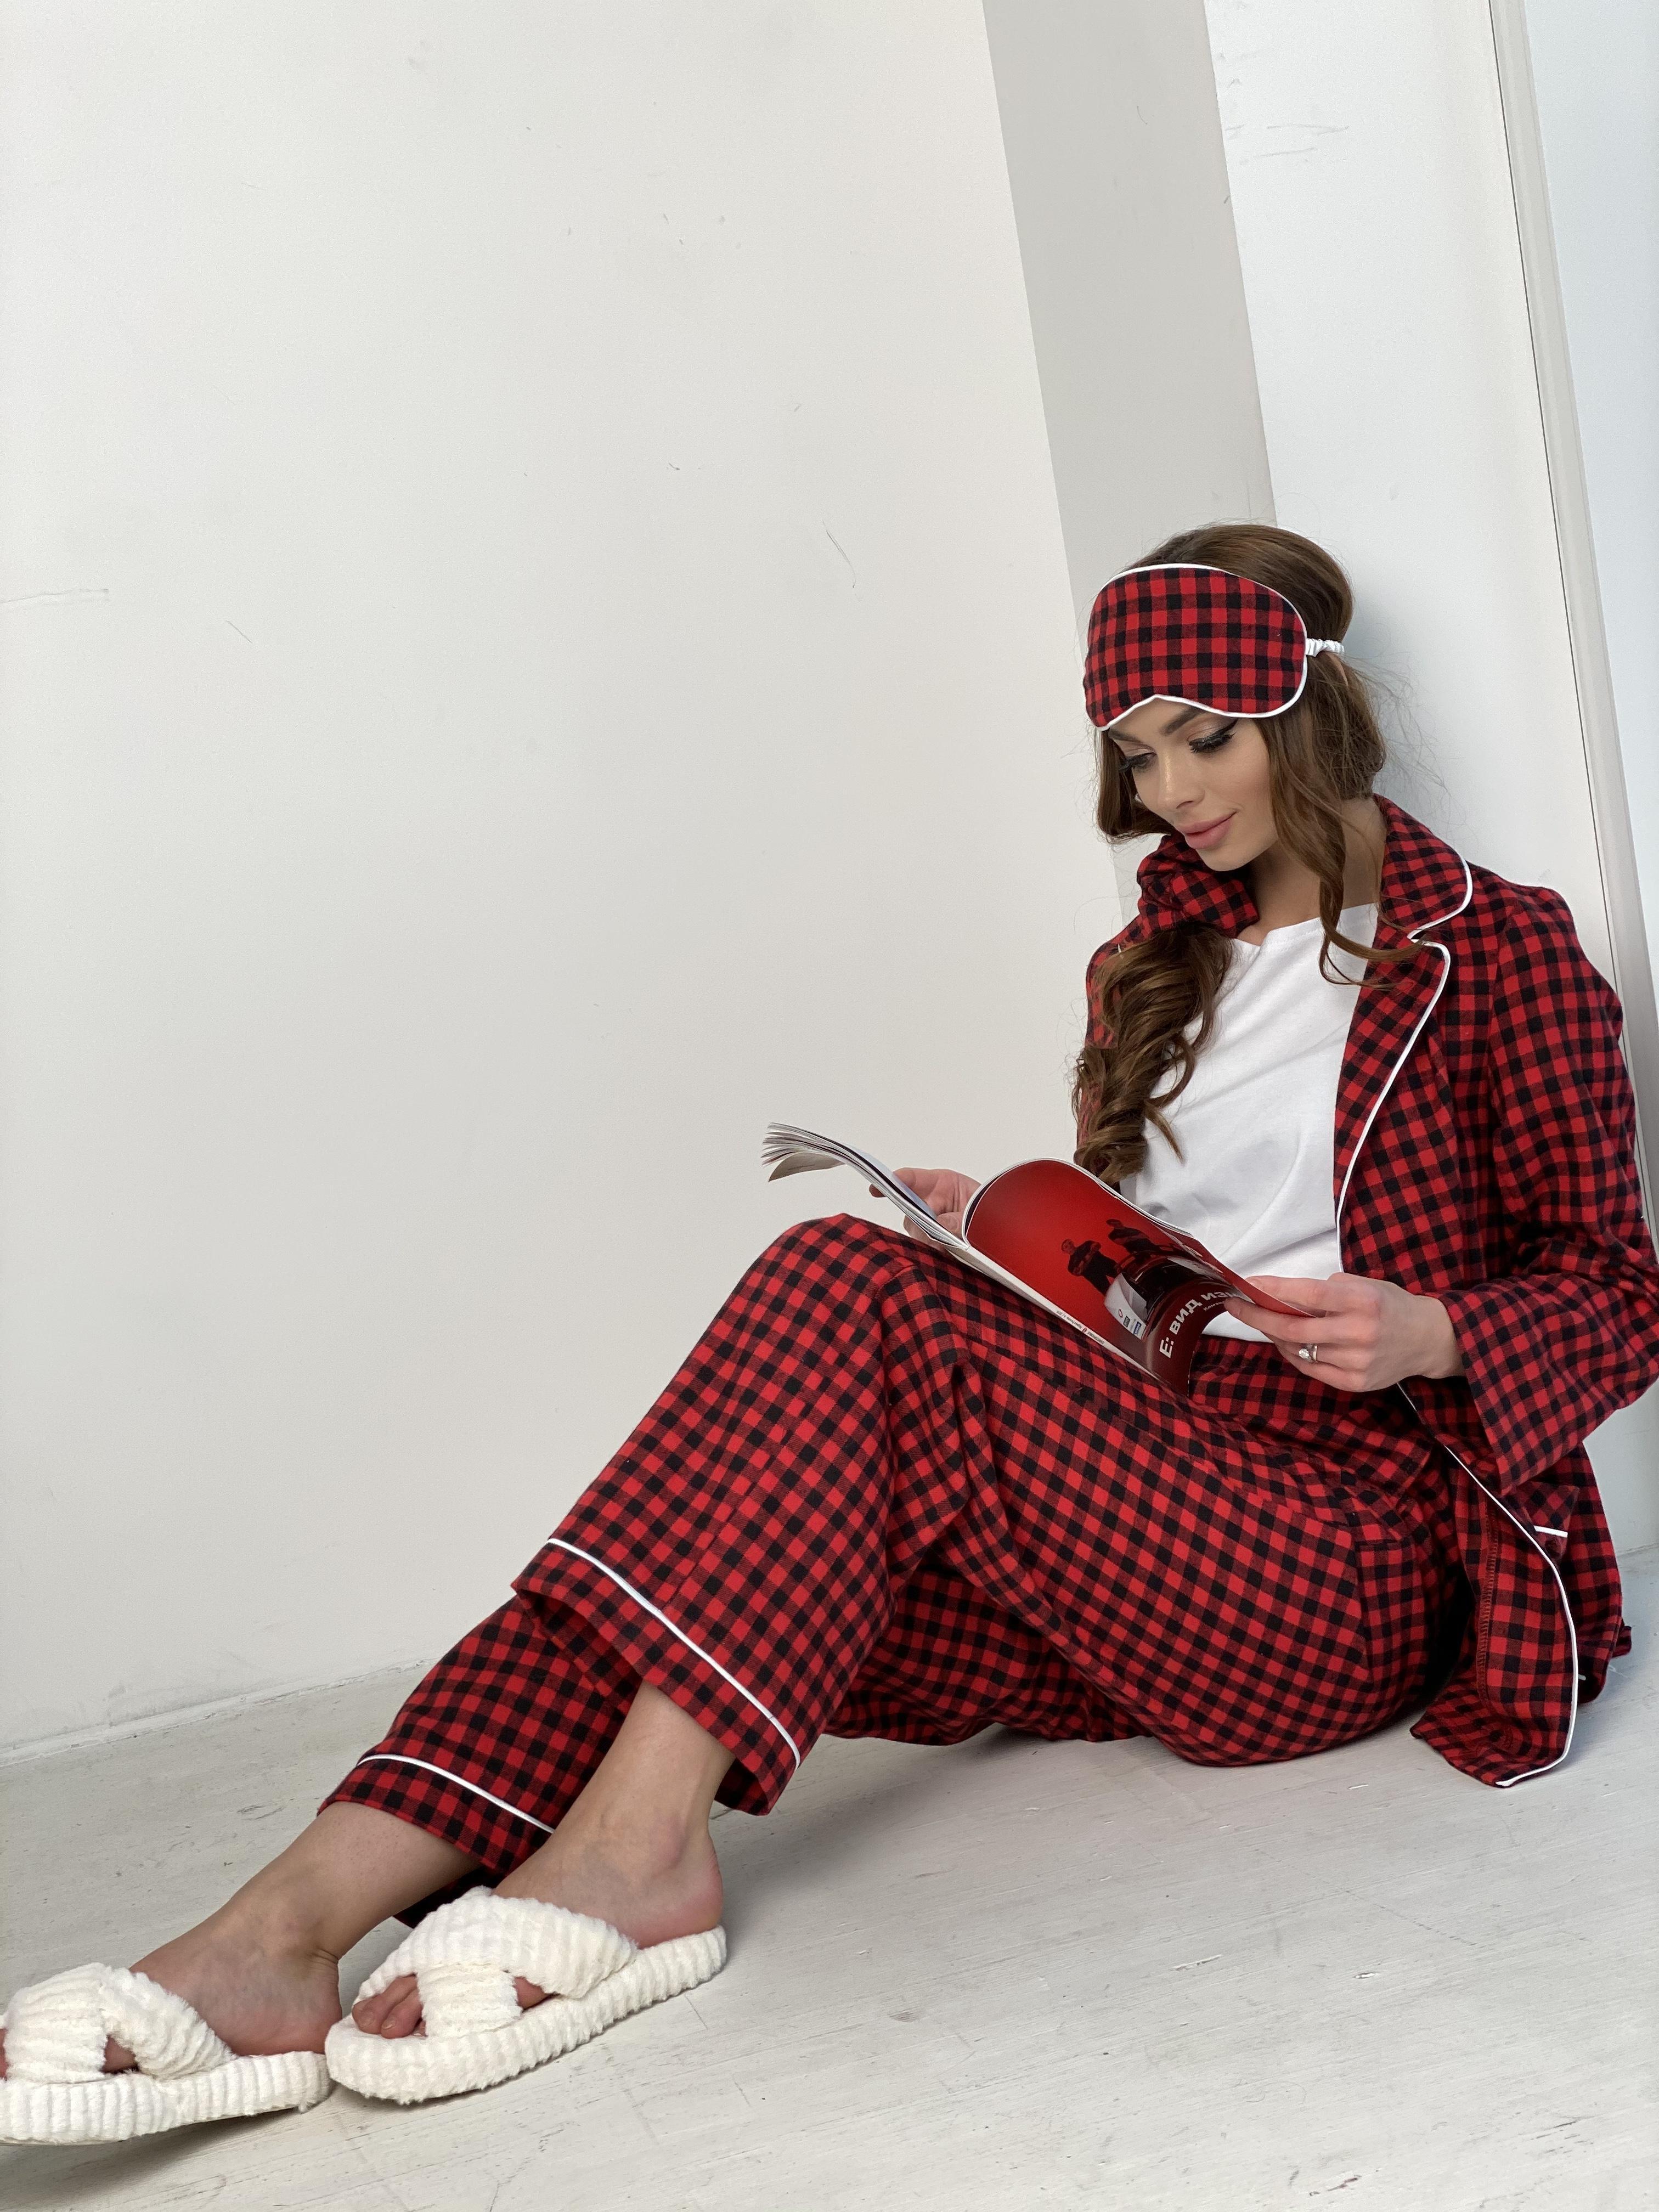 Тедди пижама в клетку из коттона(жакет,футболка,брюки,маска,резинка) 10384 АРТ. 46826 Цвет: Красный/черный - фото 8, интернет магазин tm-modus.ru